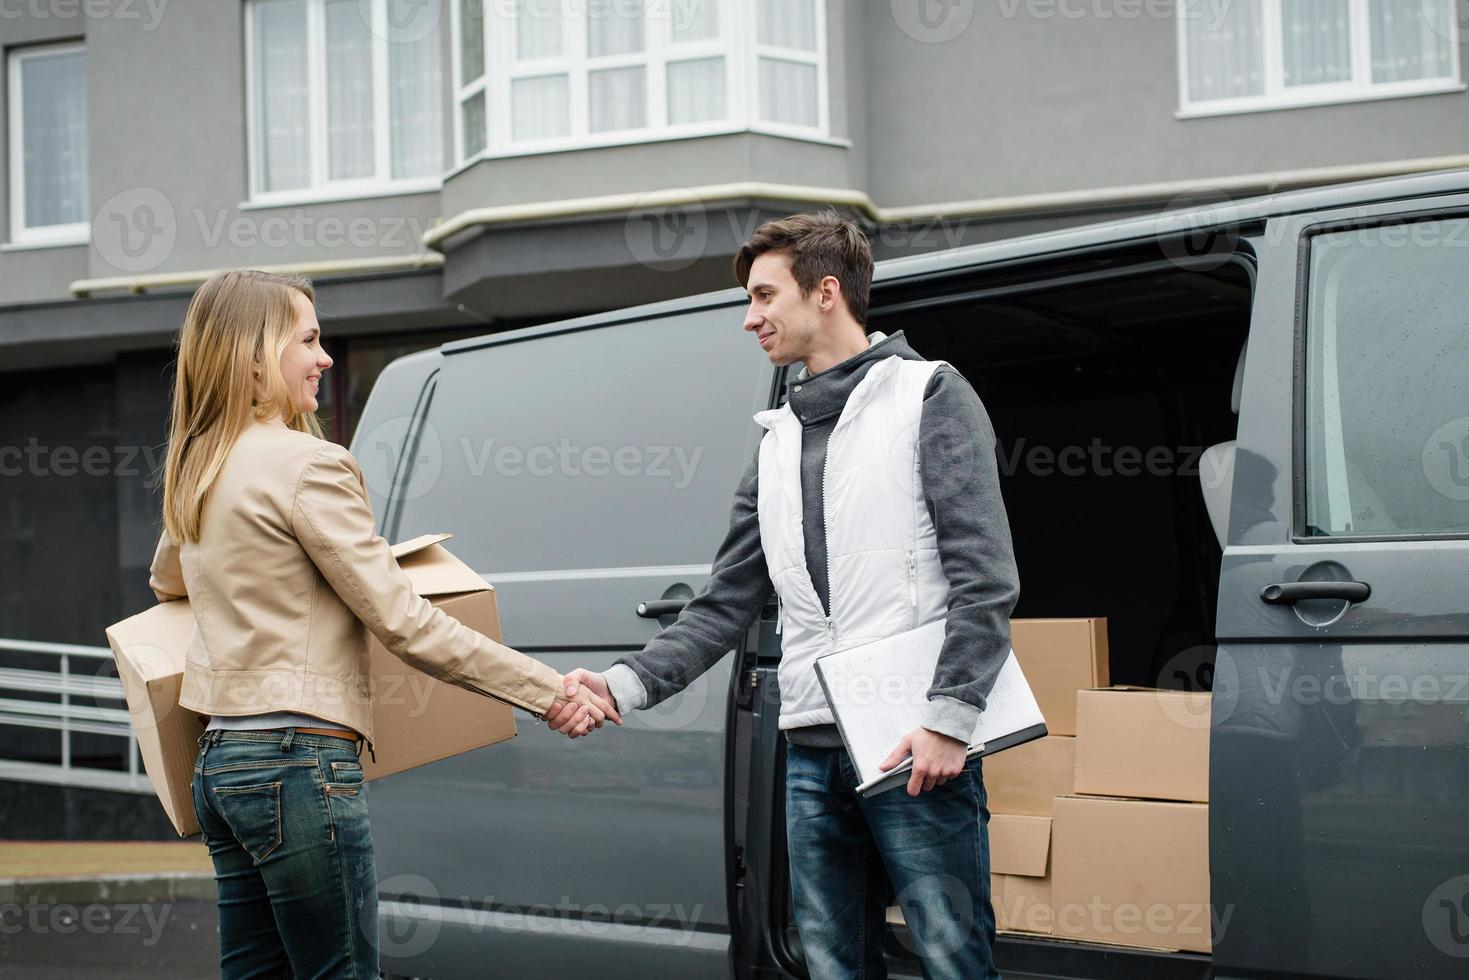 courrier se serrant la main près de la camionnette, la femme reçoit la boîte photo